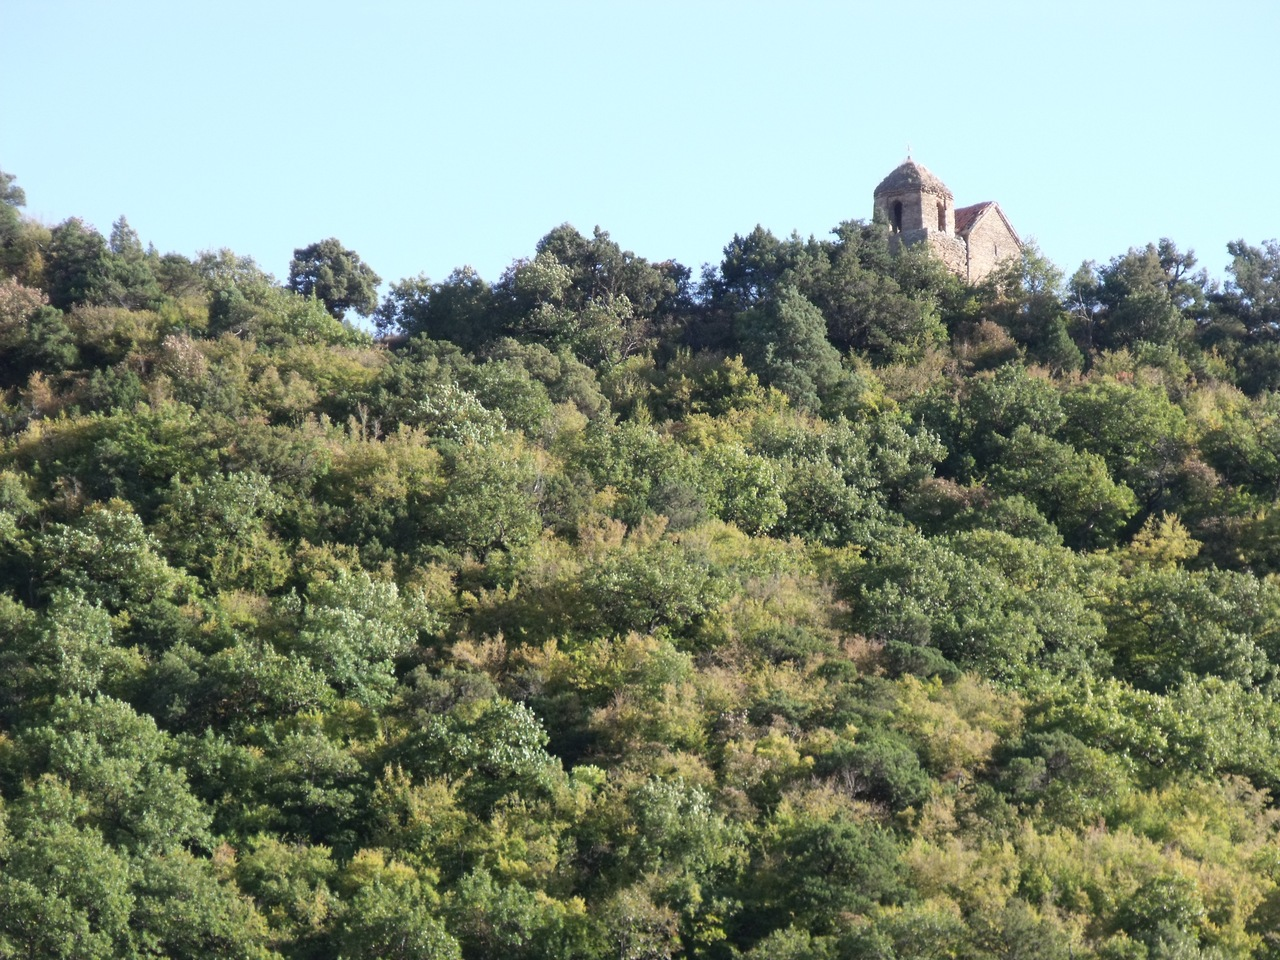 Окрестности Монастыря вблизи Тбилиси (октябрь 2011)